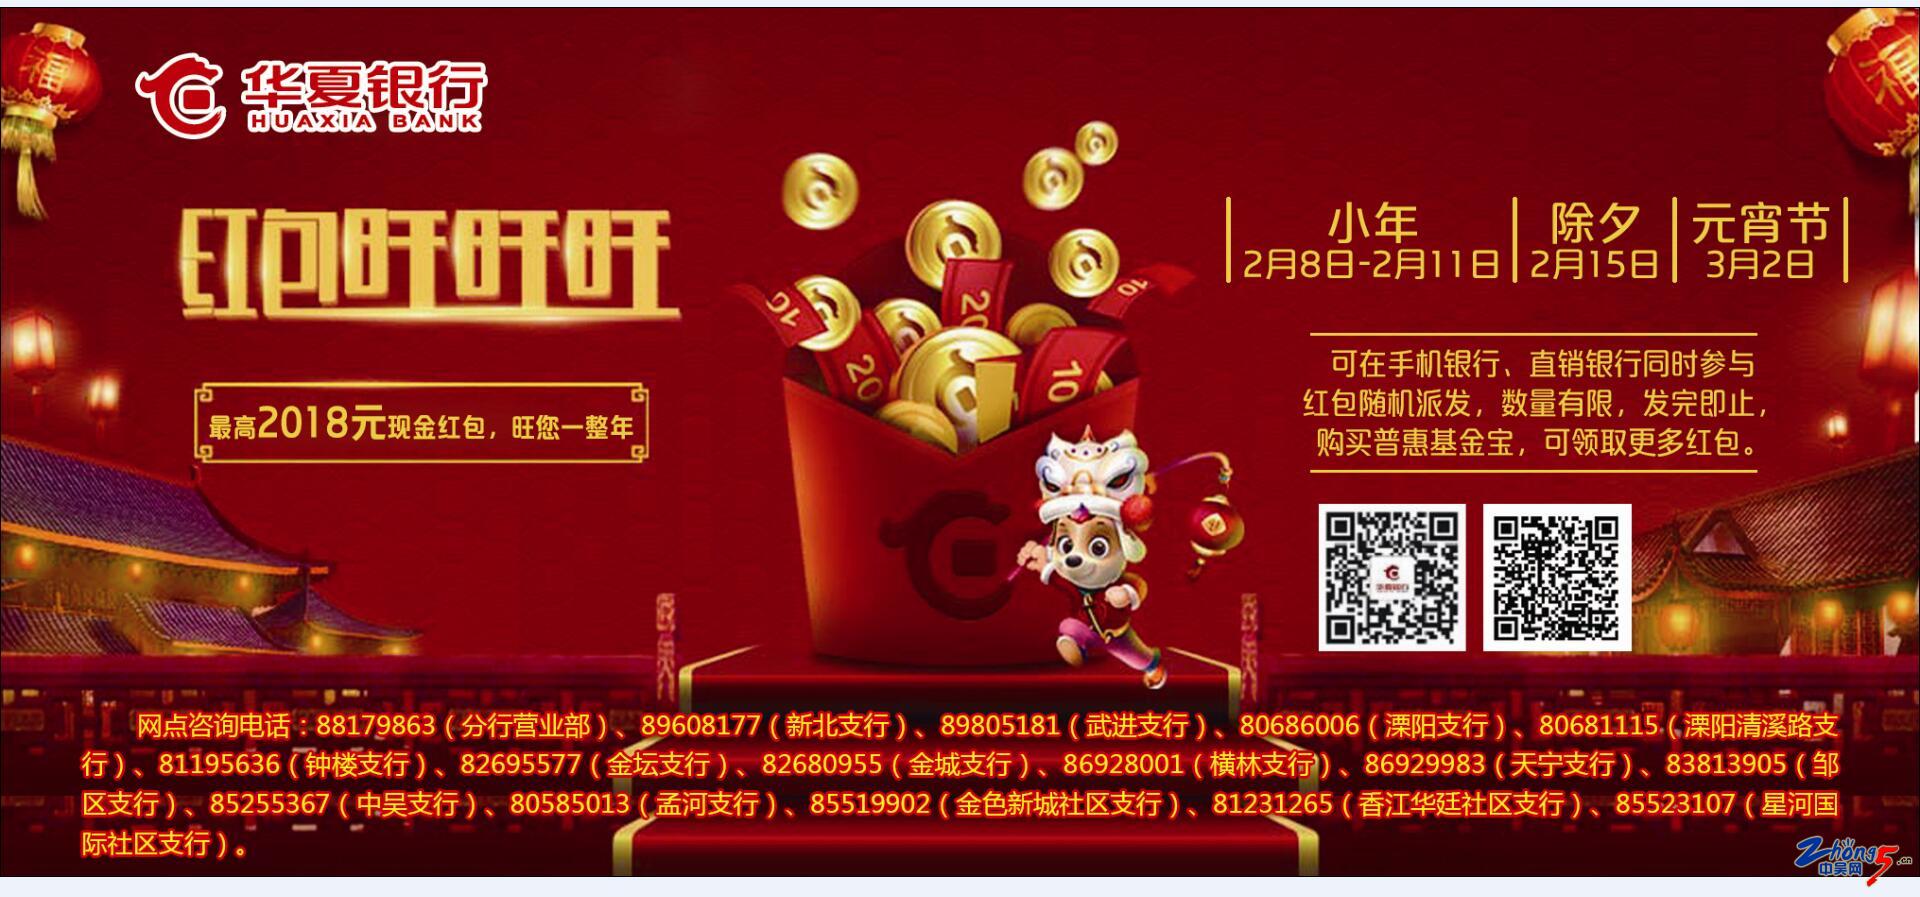 春节到,好运来,华夏红包迎旺财 ——华夏